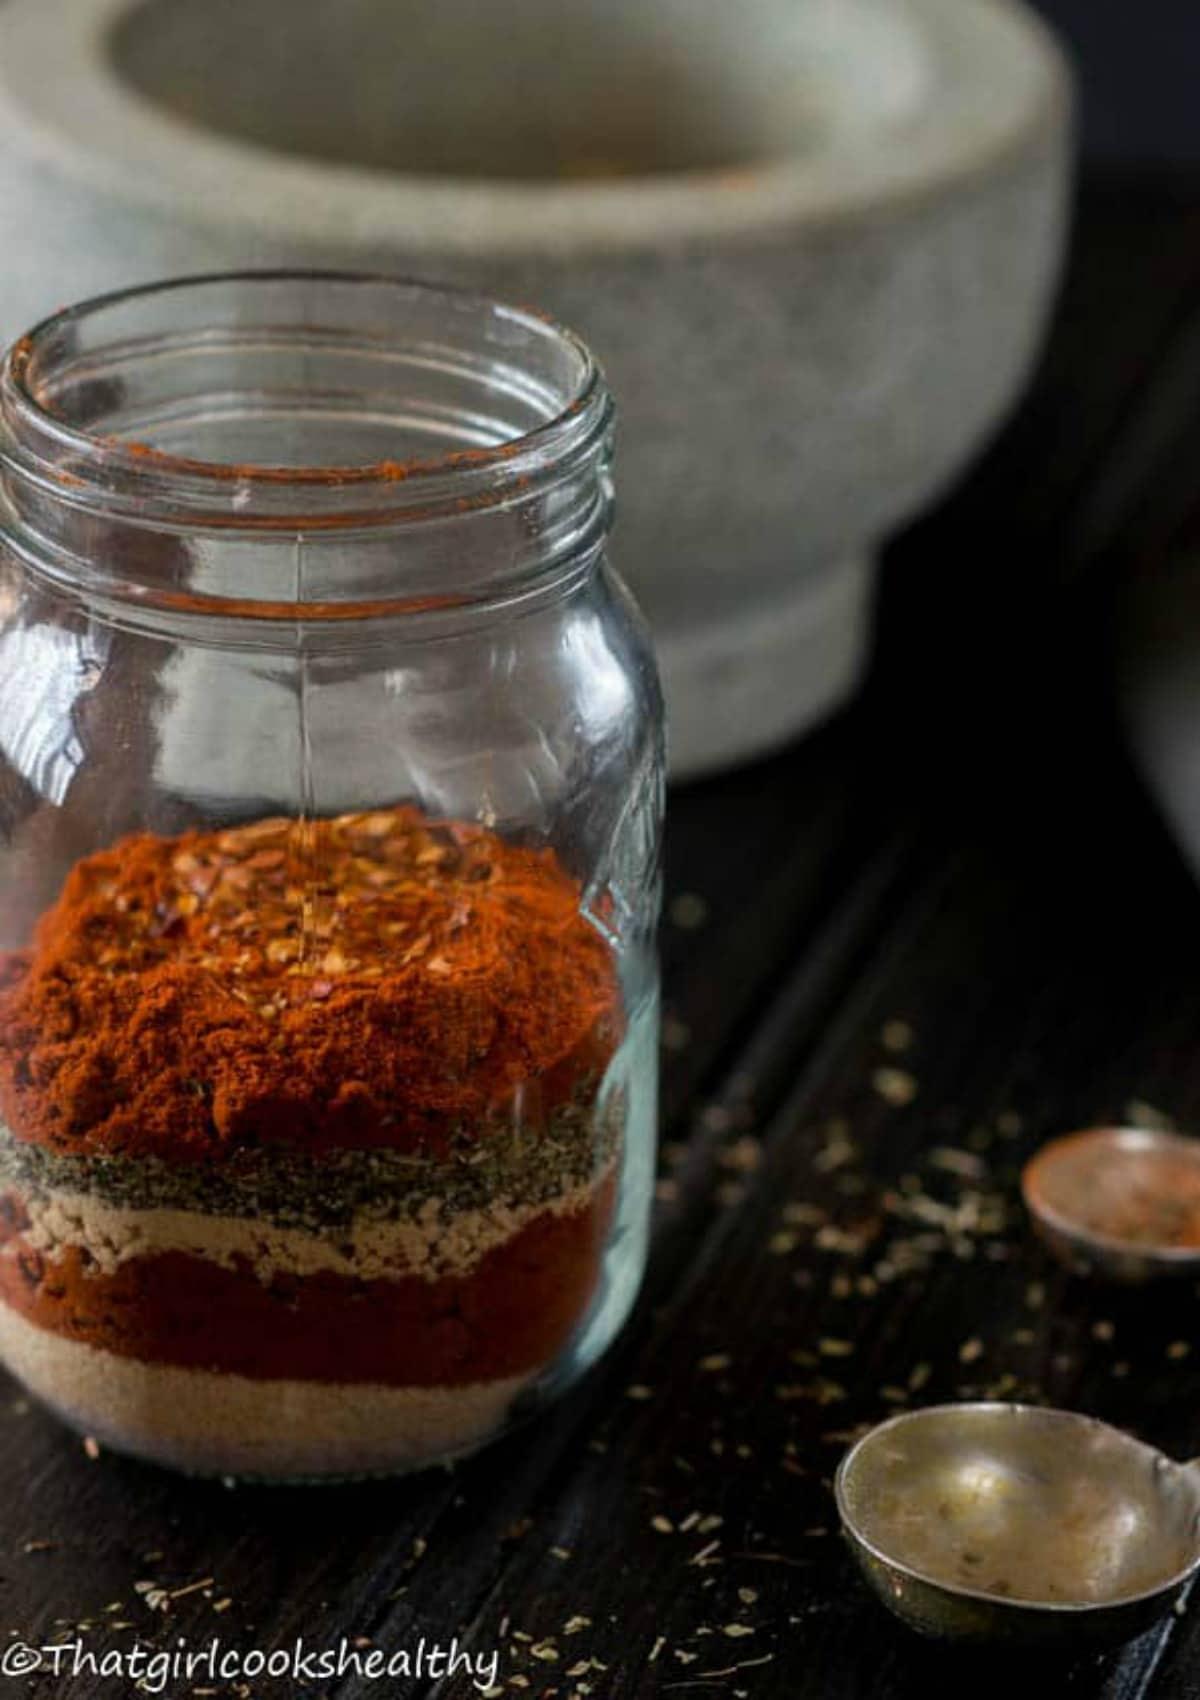 Spice blend in a jar